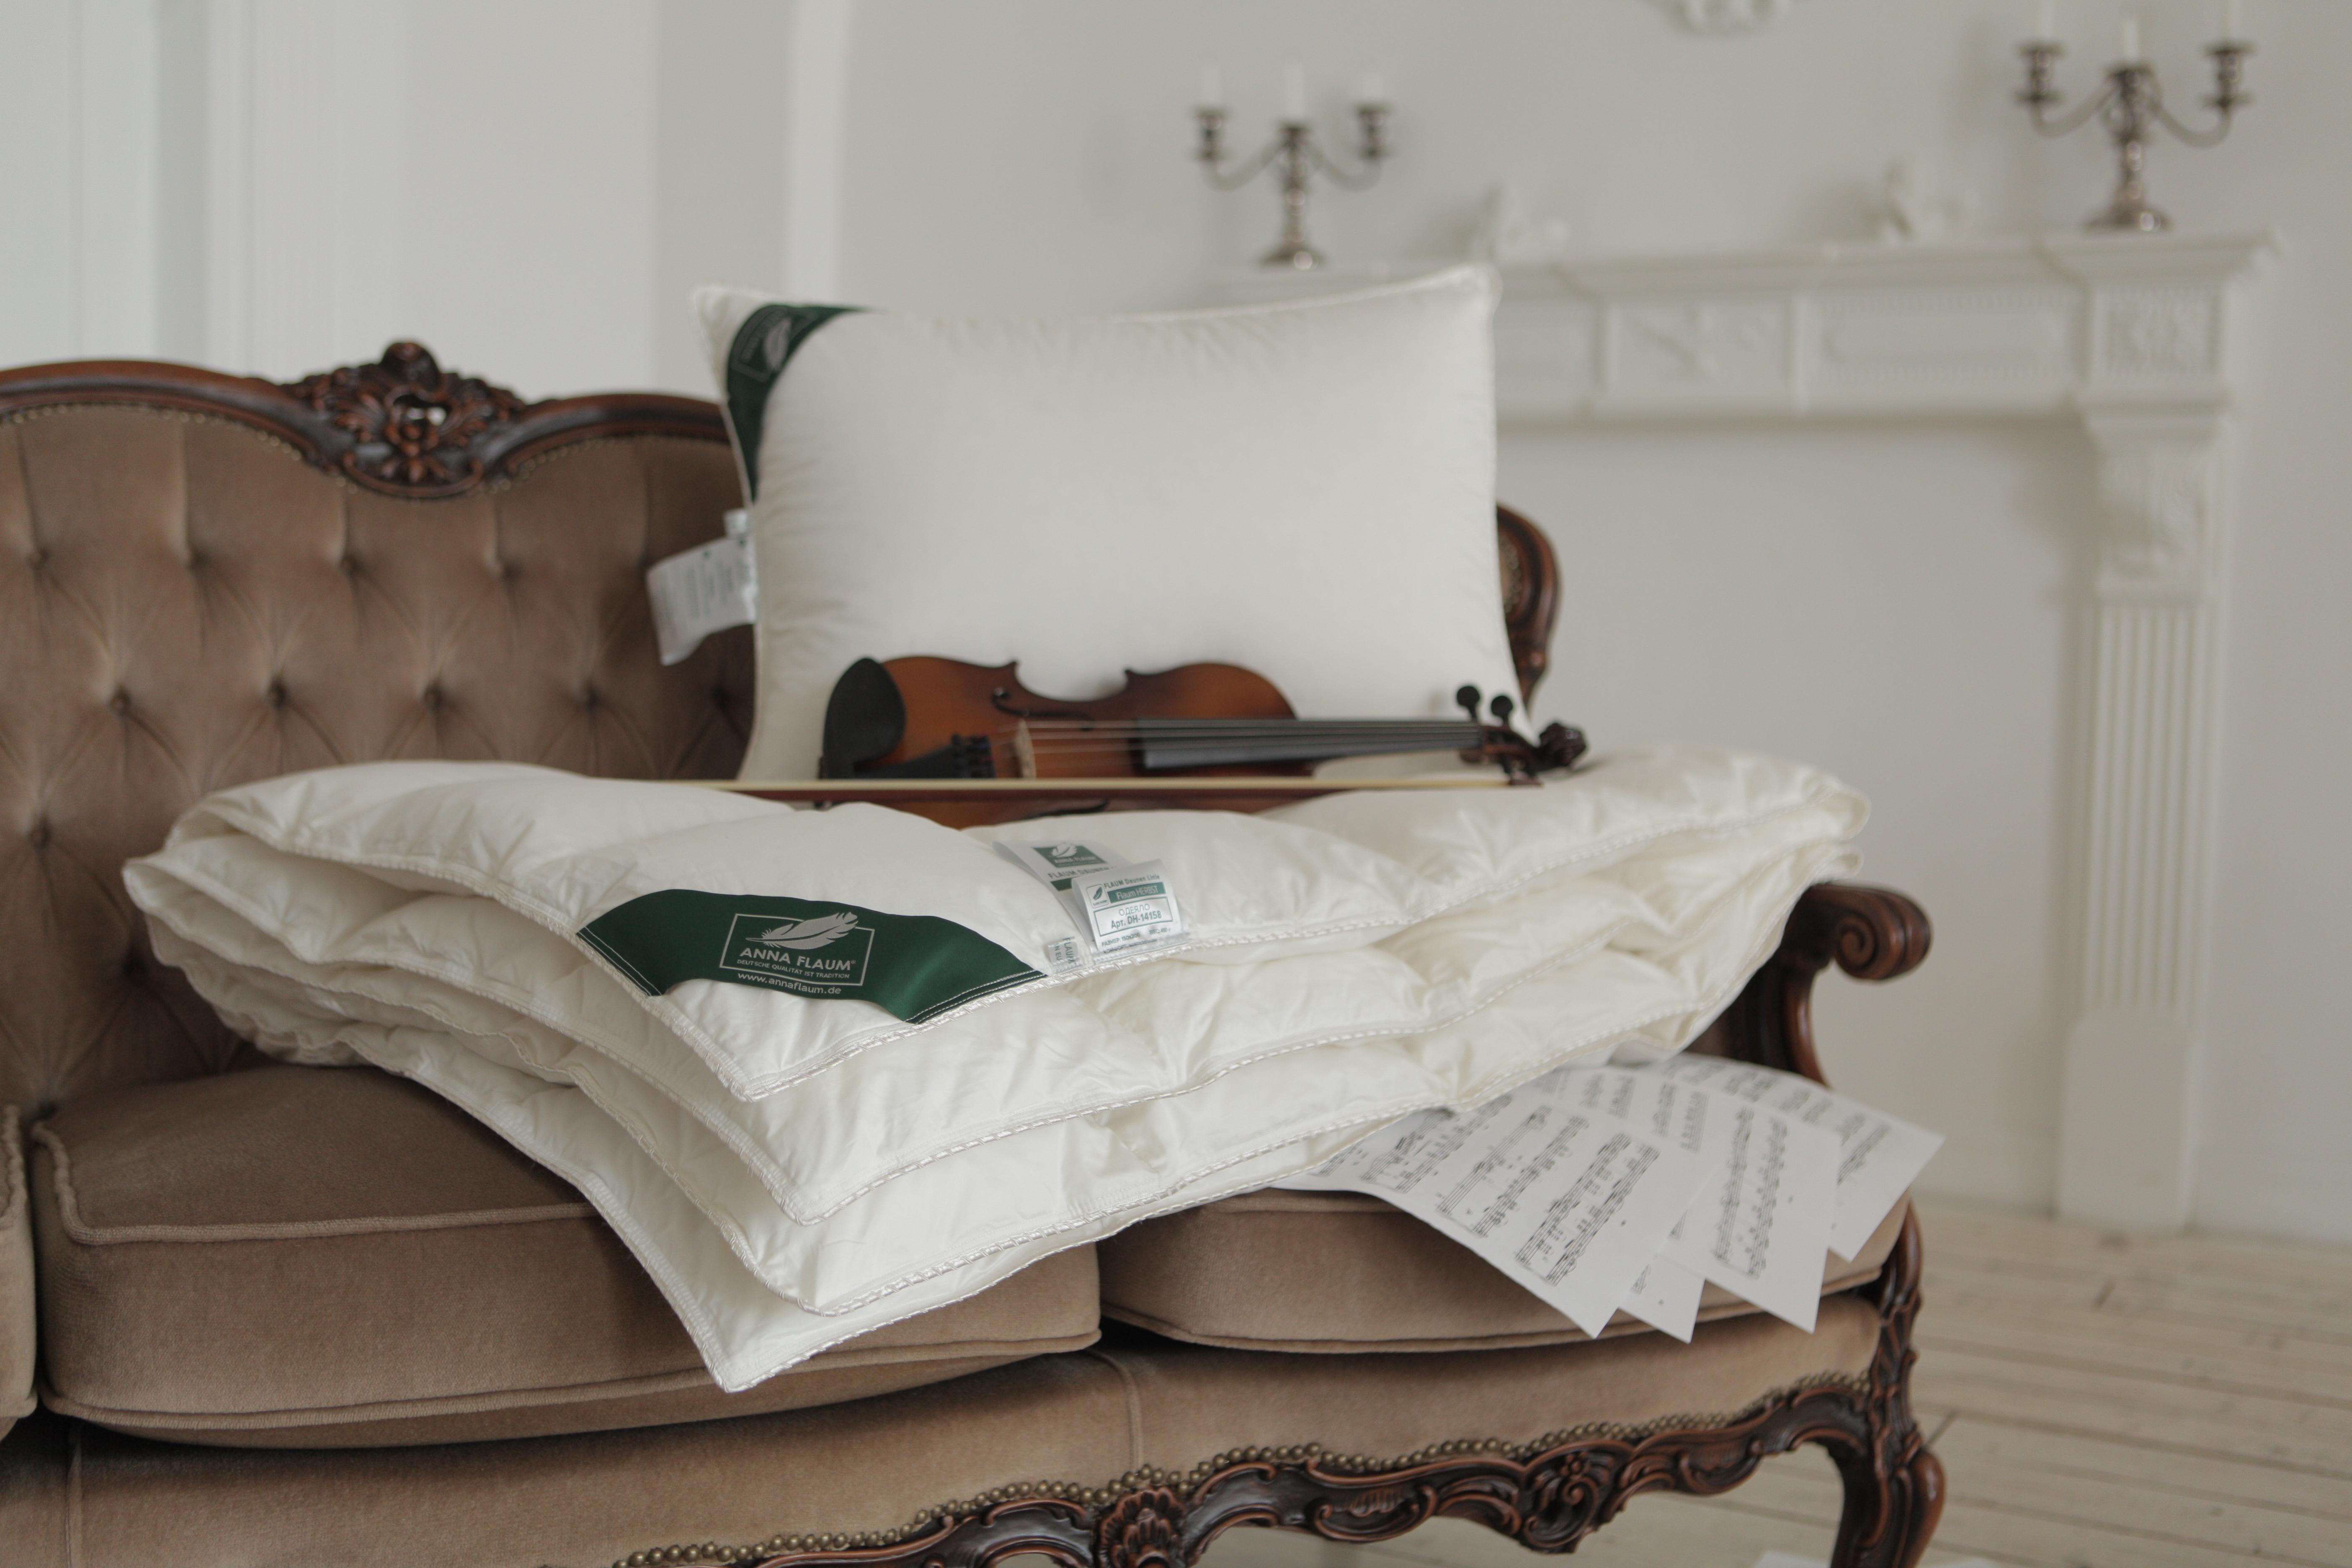 Одеяла ANNA FLAUM Одеяло Herbst Всесезонное (150х200 см) одеяло gg merino wool grass всесезонное 150х200 см